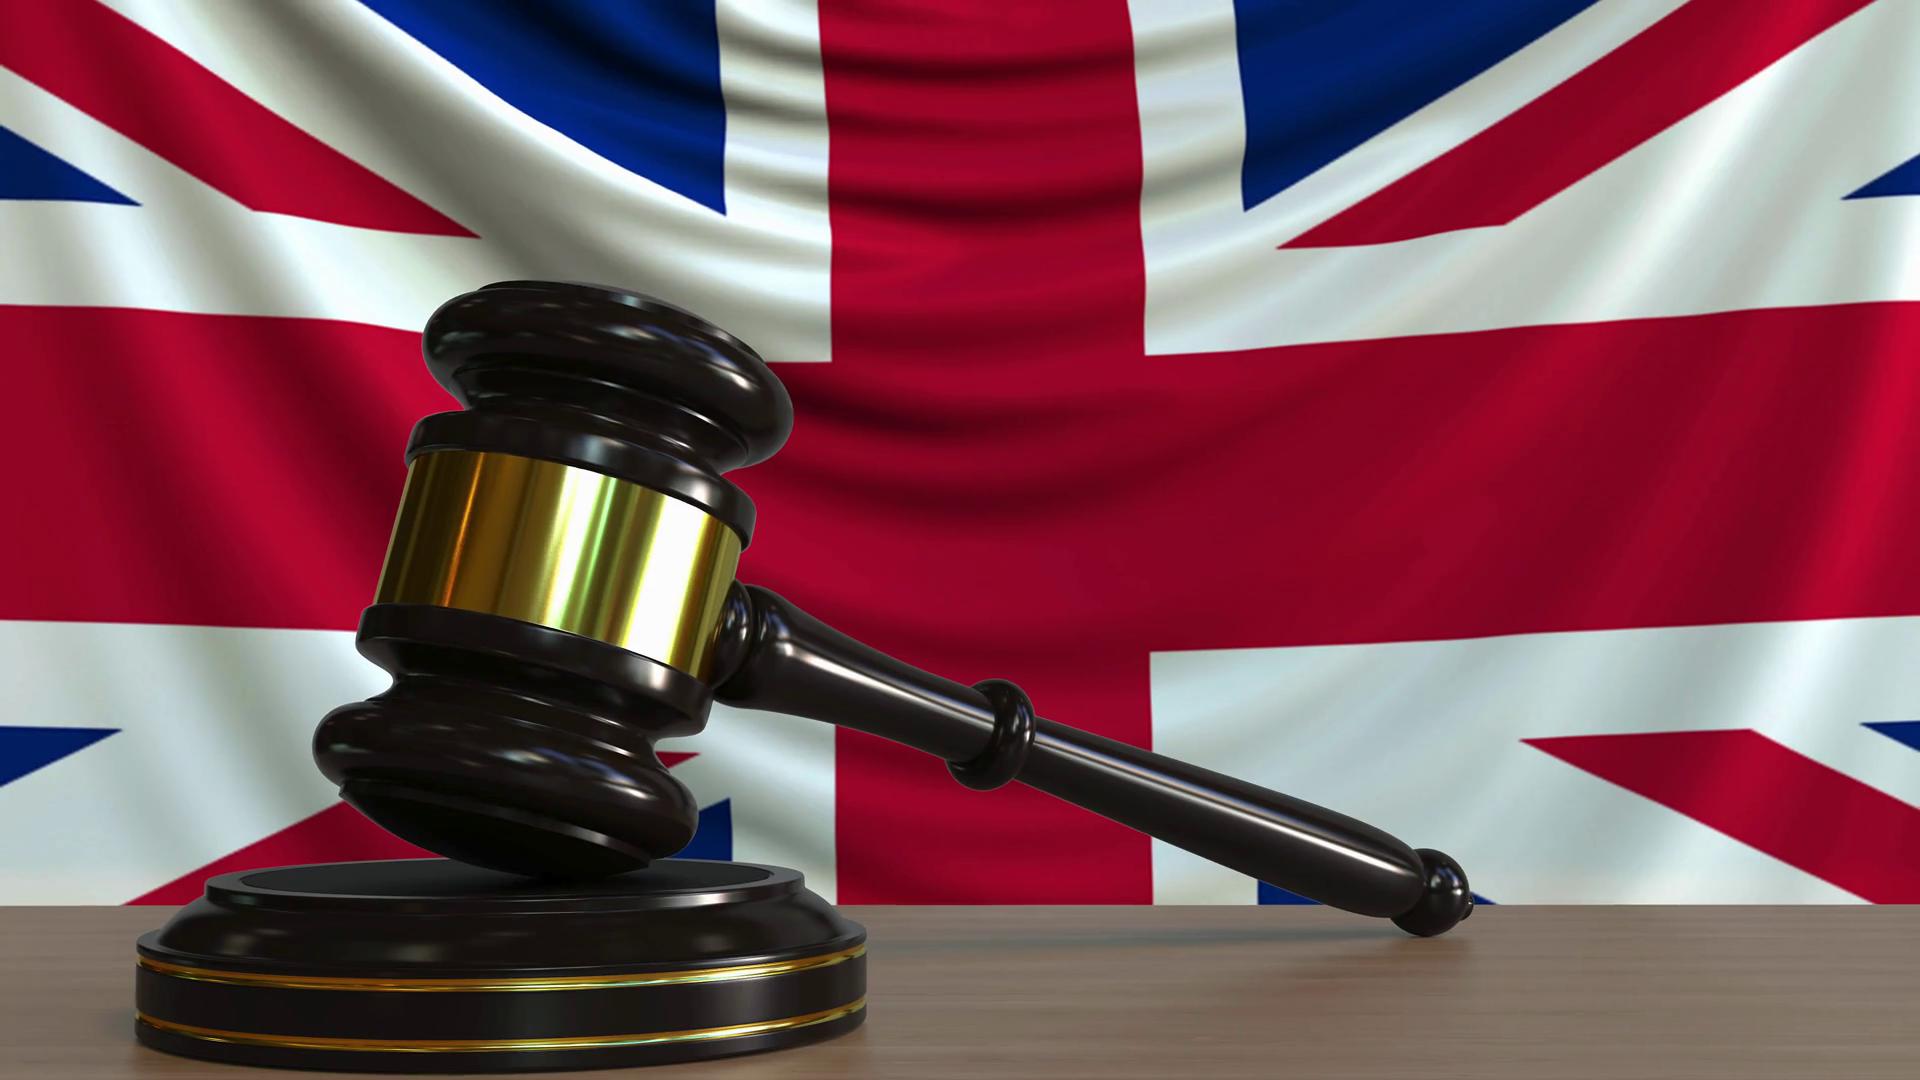 Změna pravidel za jízdy? Britské soudy rozhodly přesně naopak než české